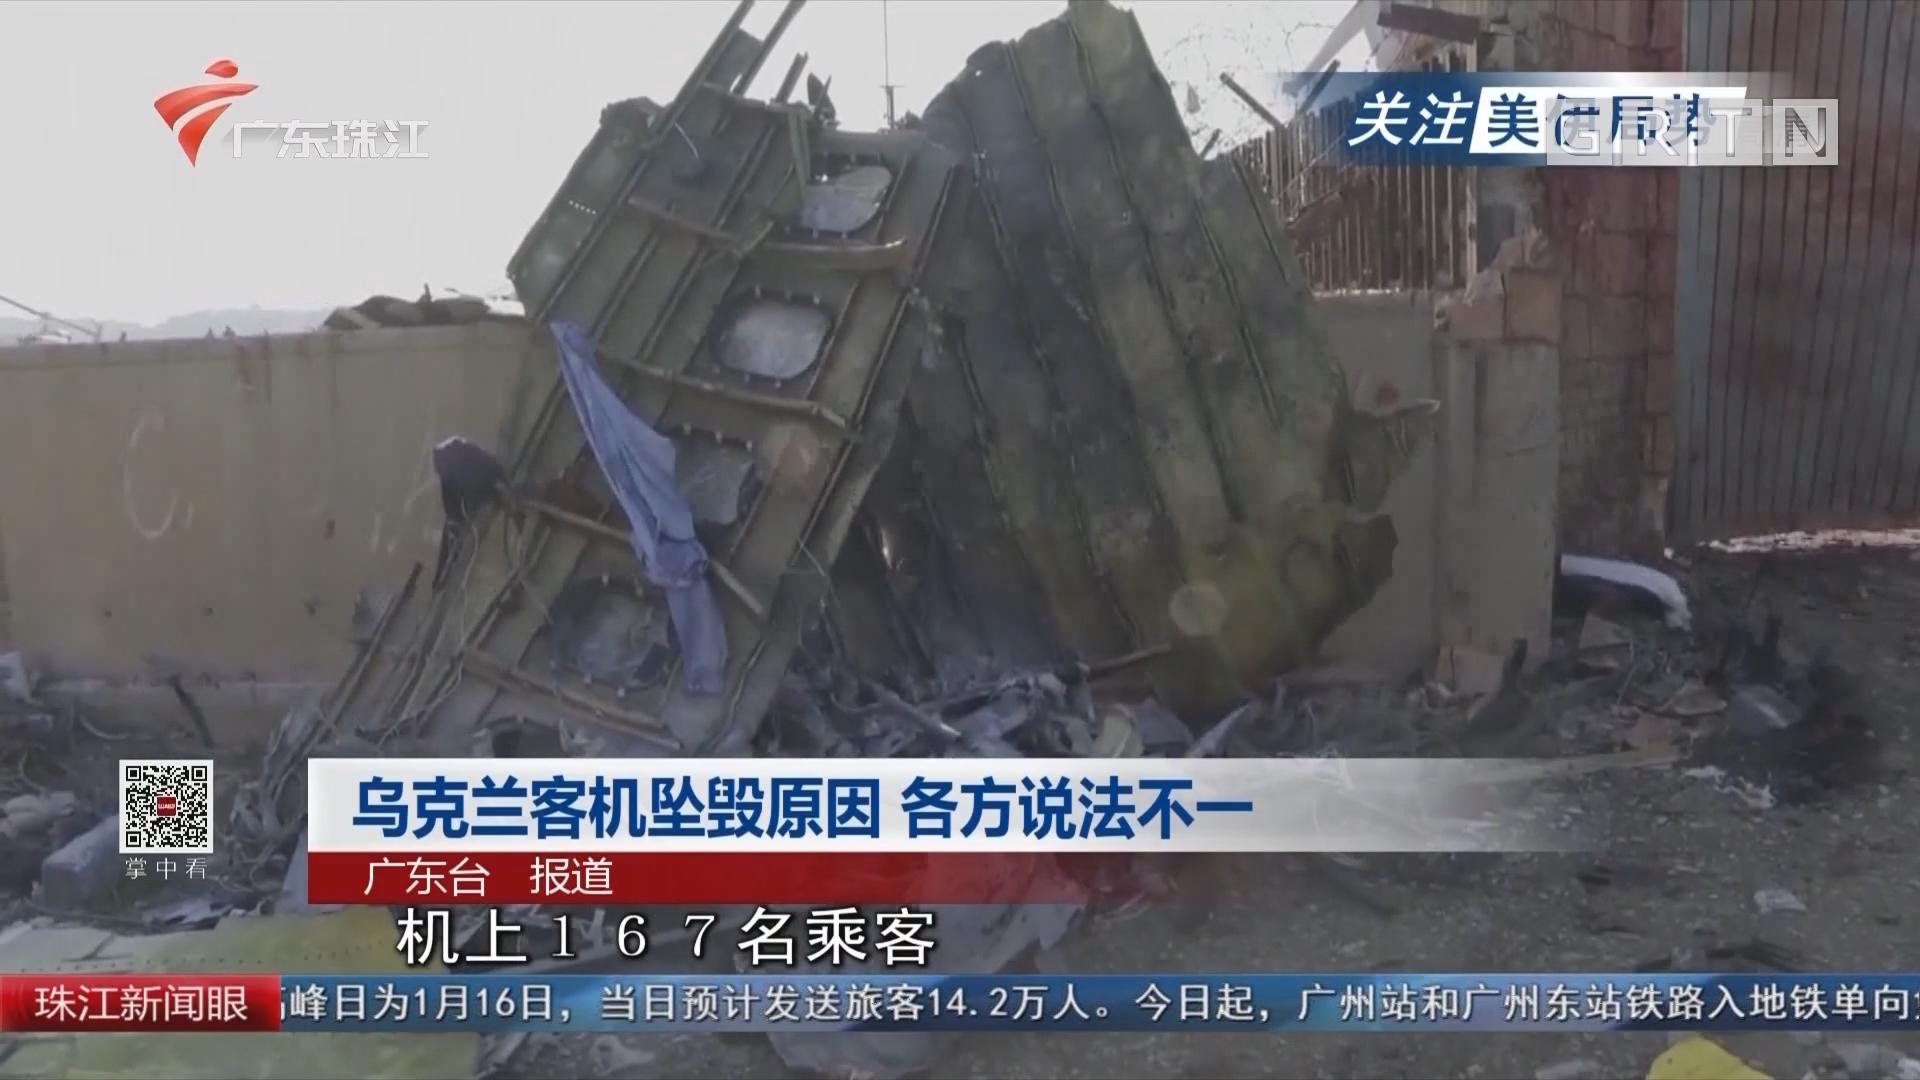 乌克兰客机坠毁原因 各方说法不一